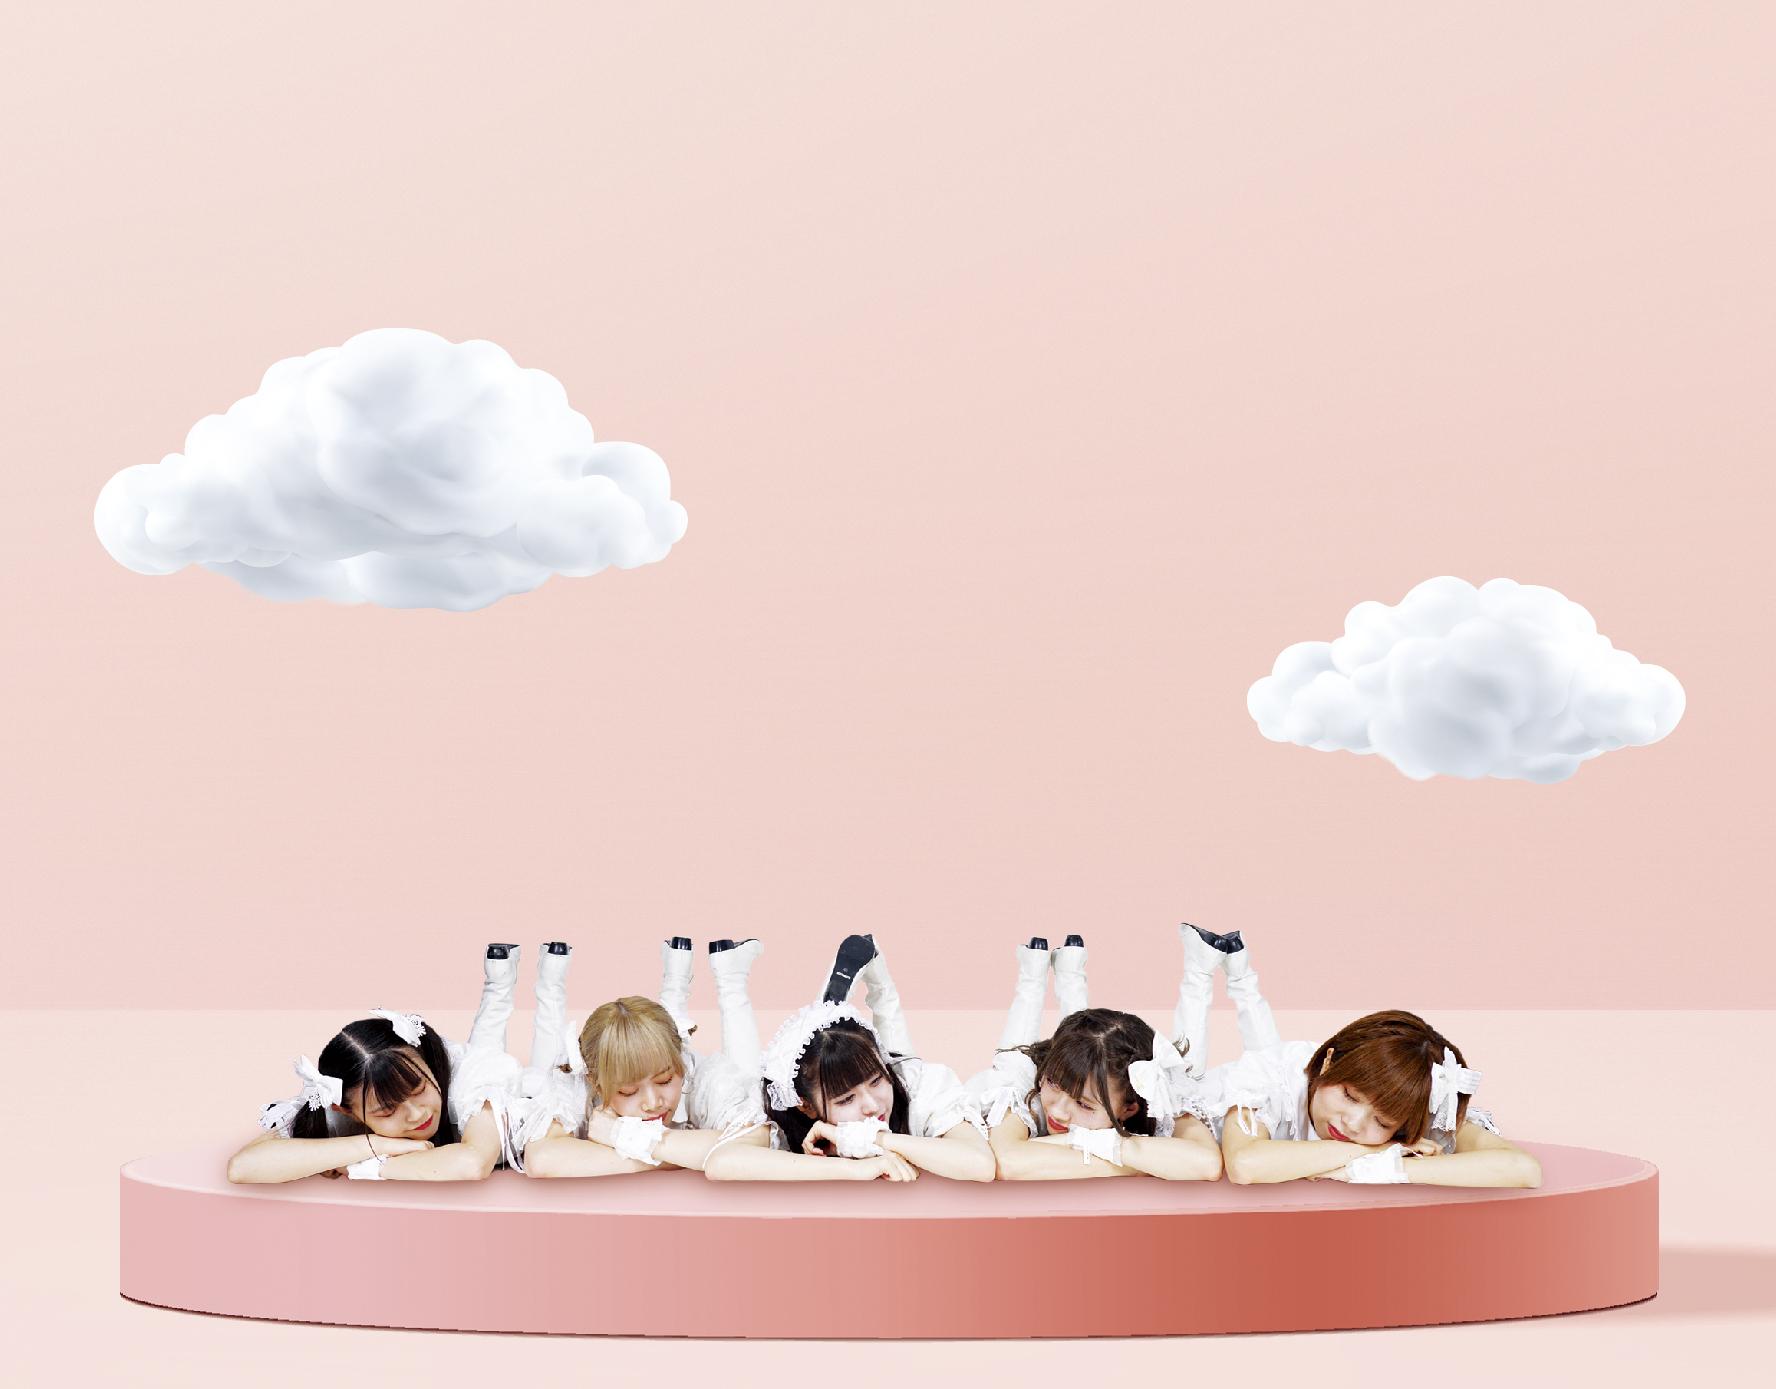 オーディション GirlsProJect新ユニット結成 メンバーオーディション チェリガ所属の「GirlsProject」が新ユニットを結成 主催:GirlsProject製作委員会、カテゴリ:アイドル(いやし系)